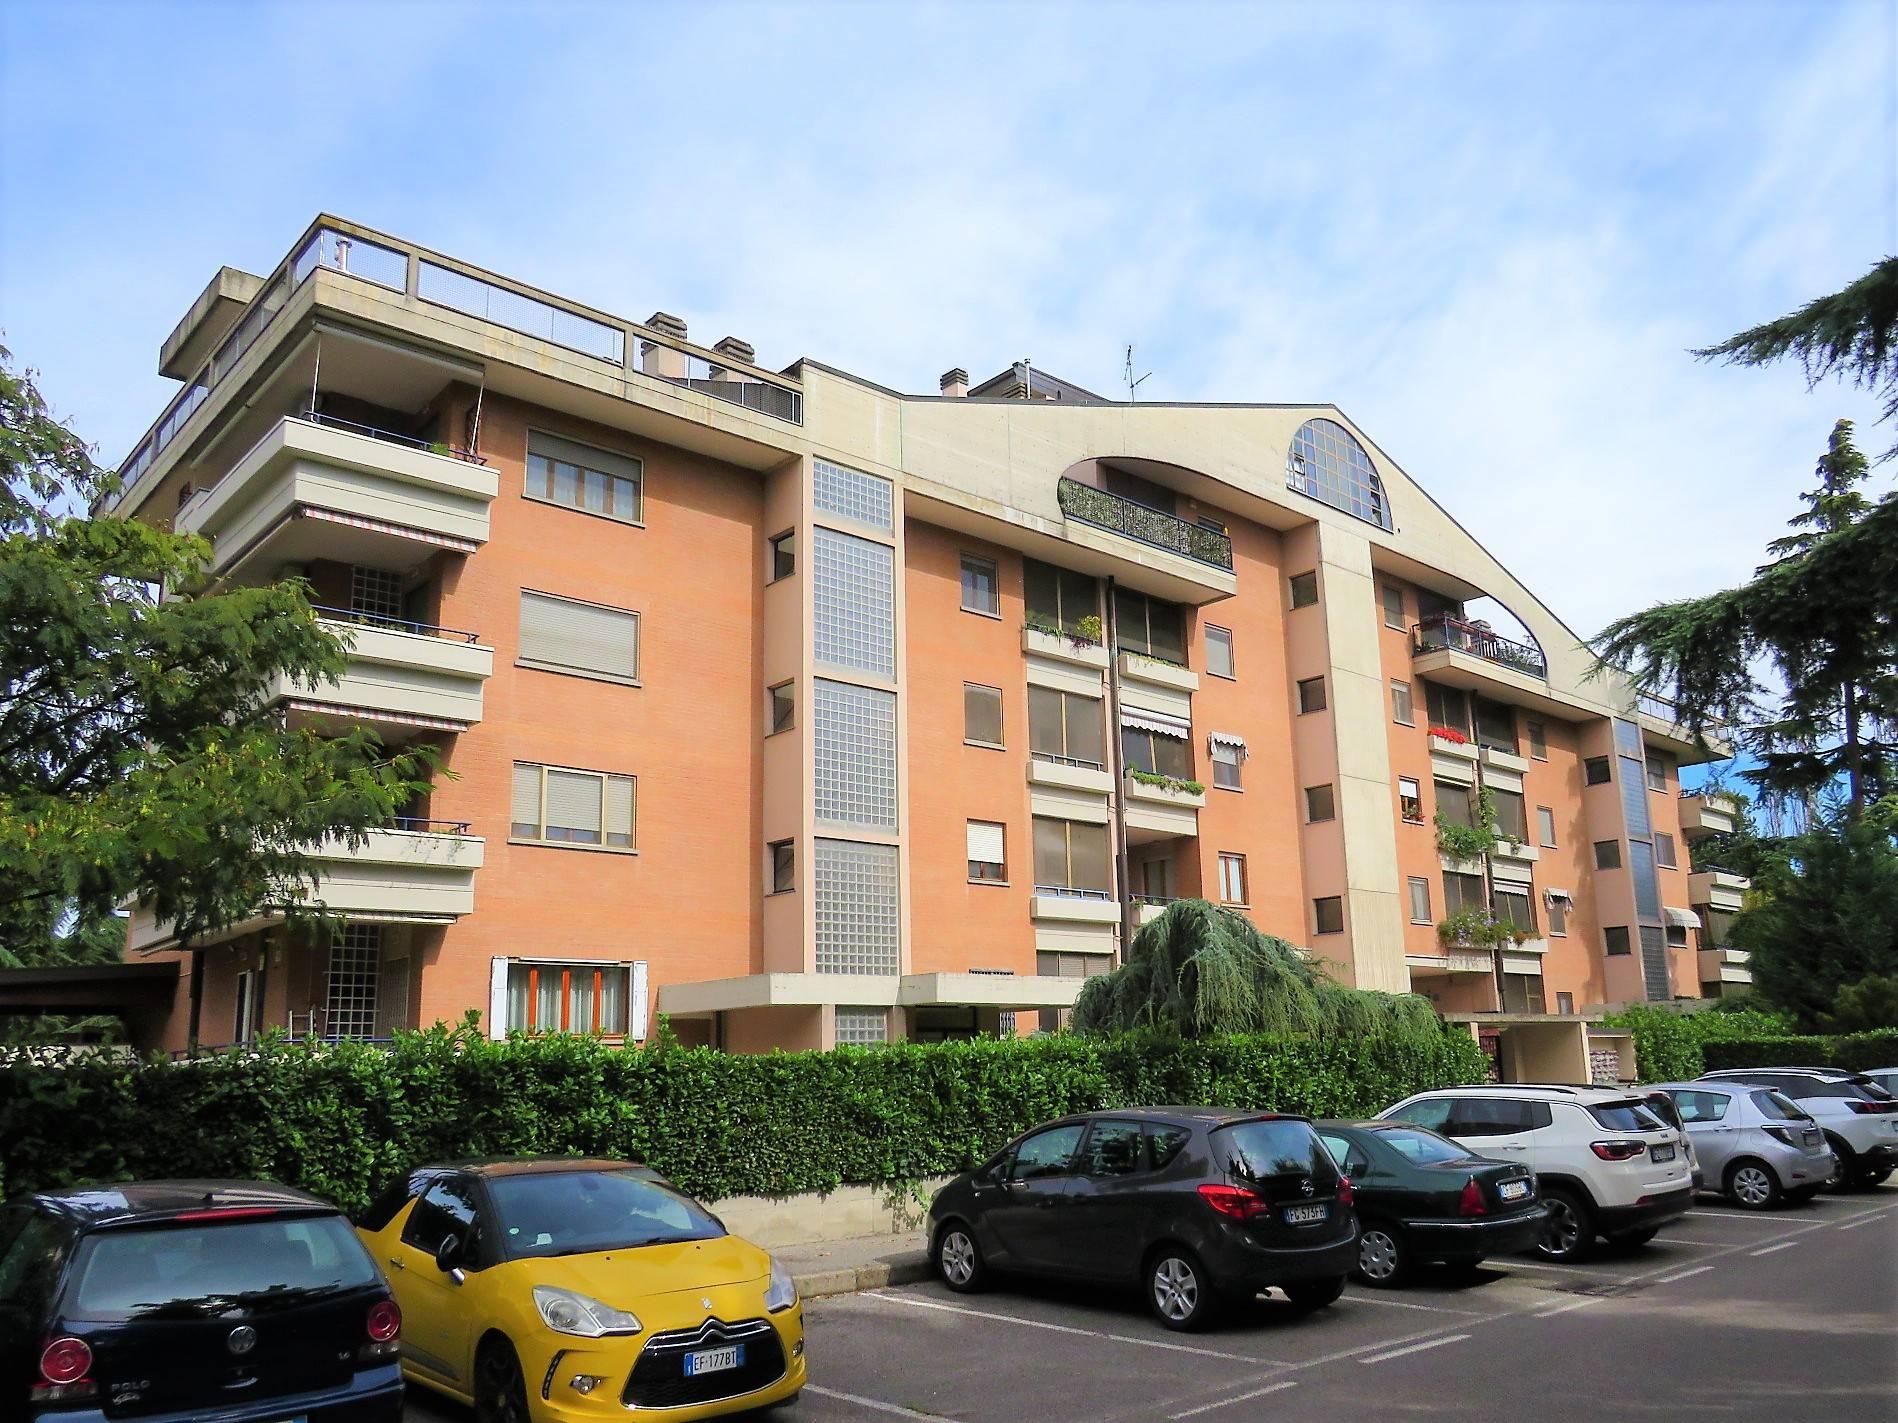 Appartamento in vendita a Opera, 3 locali, prezzo € 235.000 | PortaleAgenzieImmobiliari.it